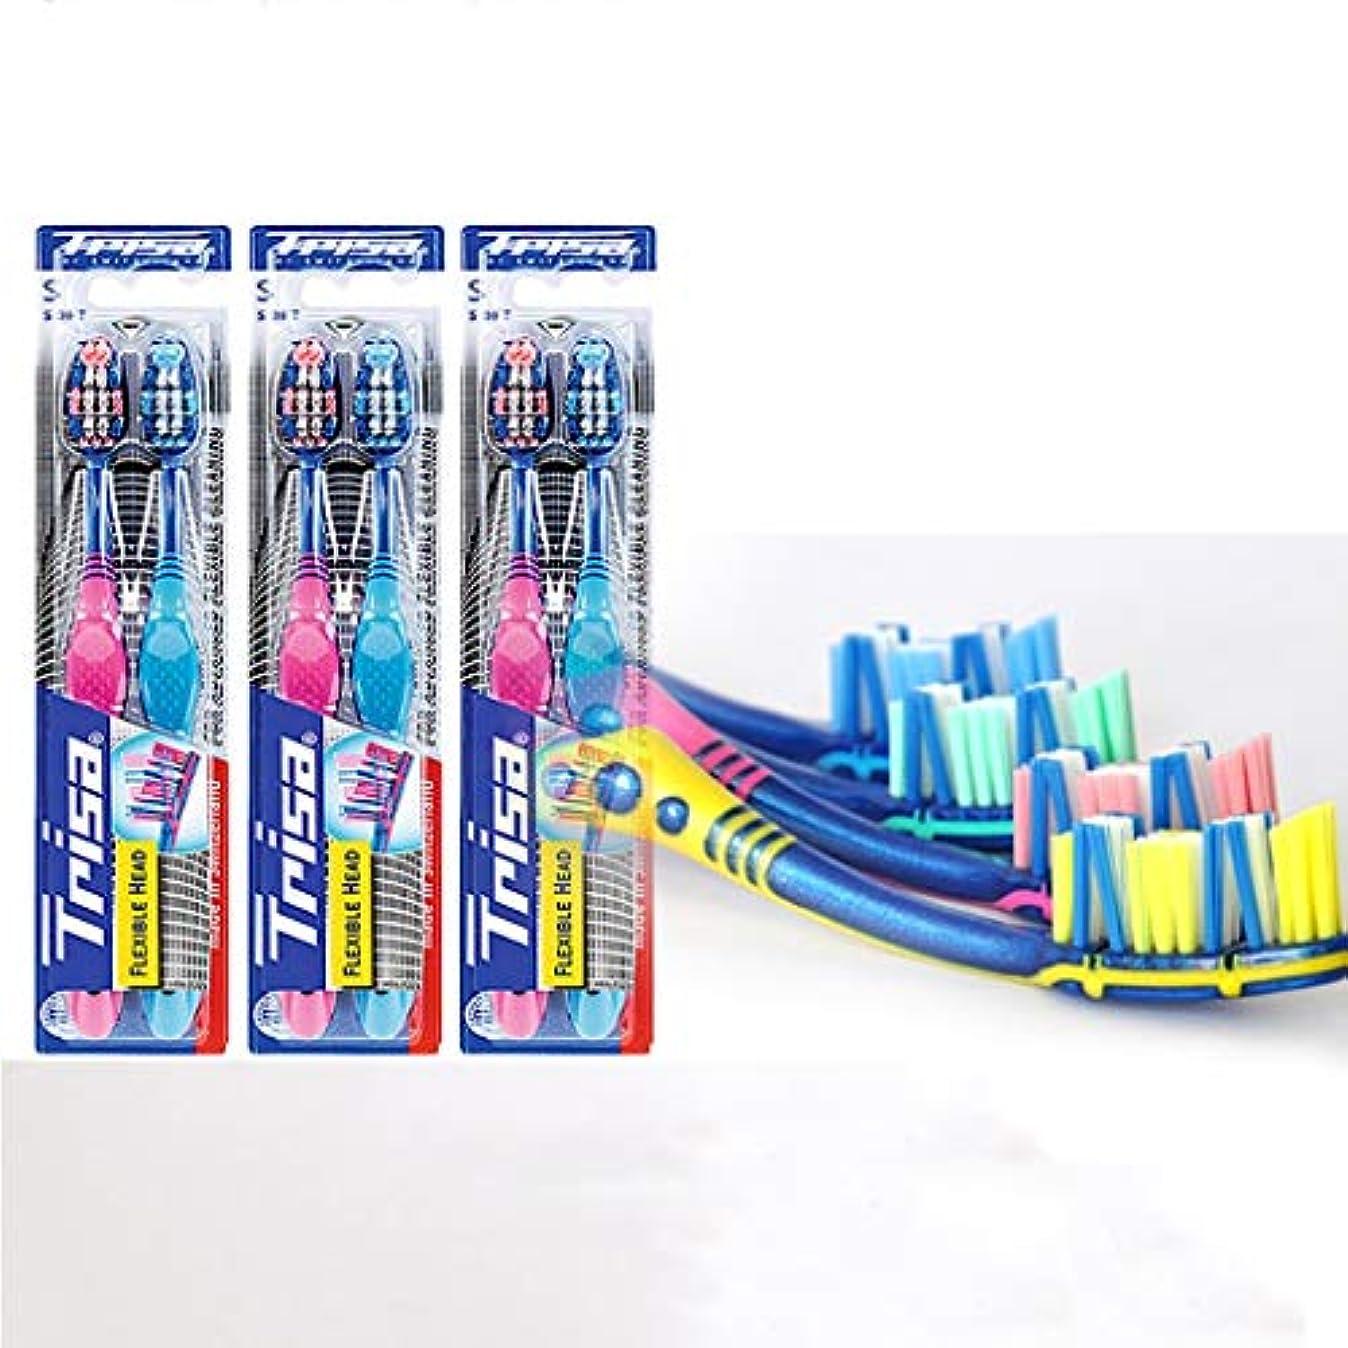 名詞まどろみのある健全家族は、6本の大包装歯ブラシ、ディープクリーニングガム、スーパーソフト歯ブラシパック